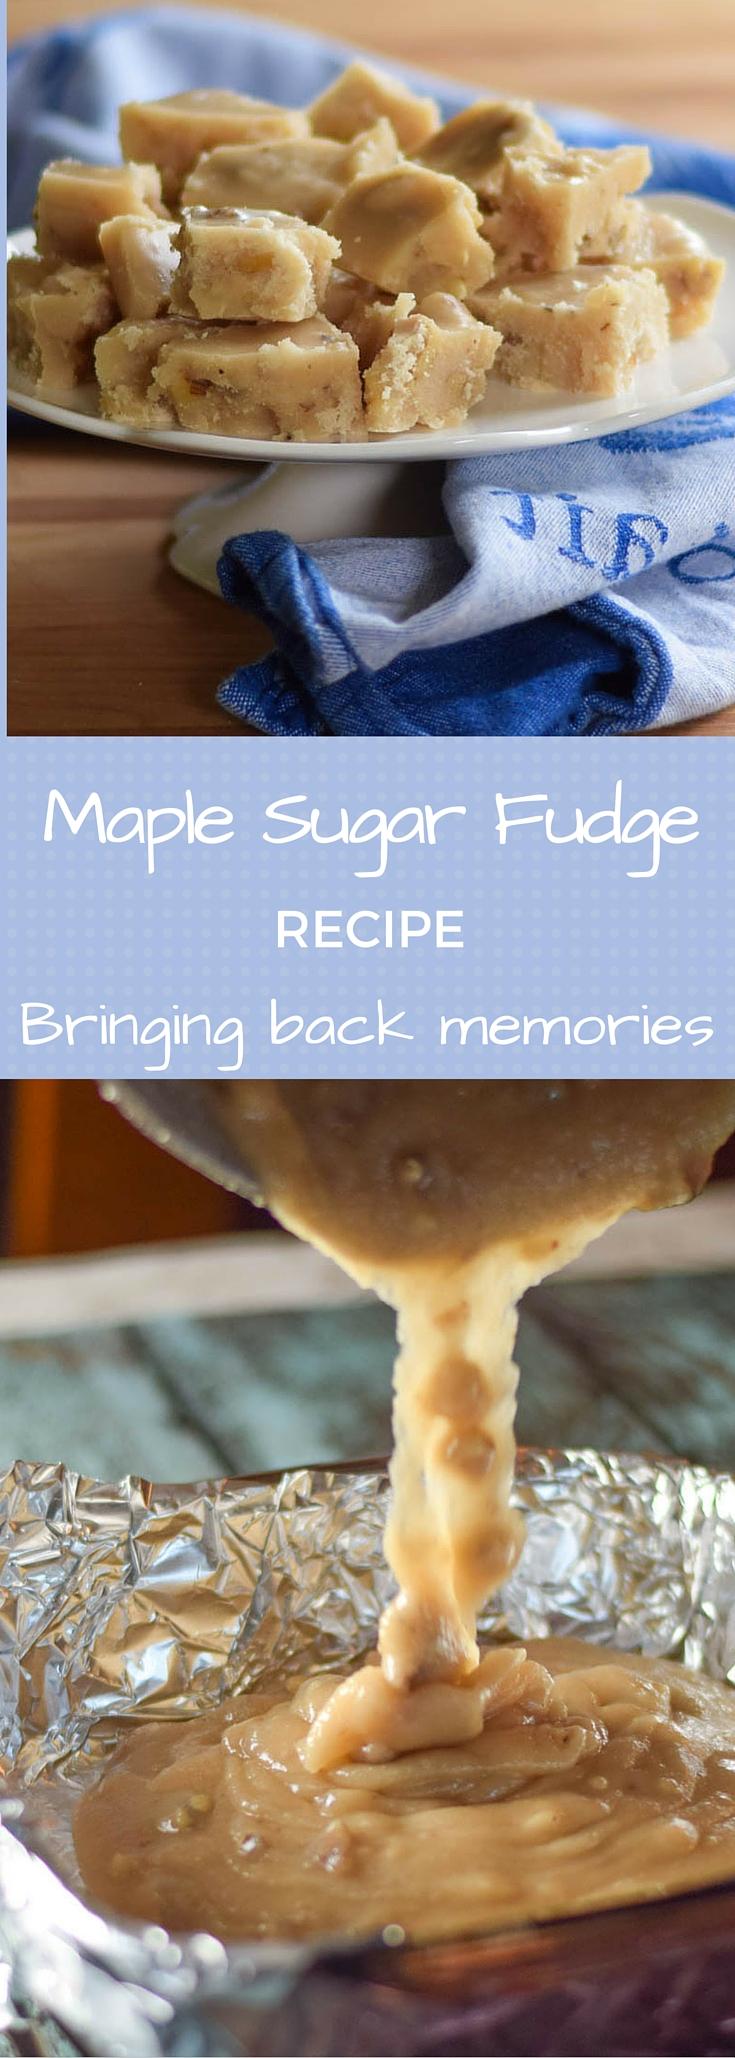 Maple Sugar Fudge Recipe